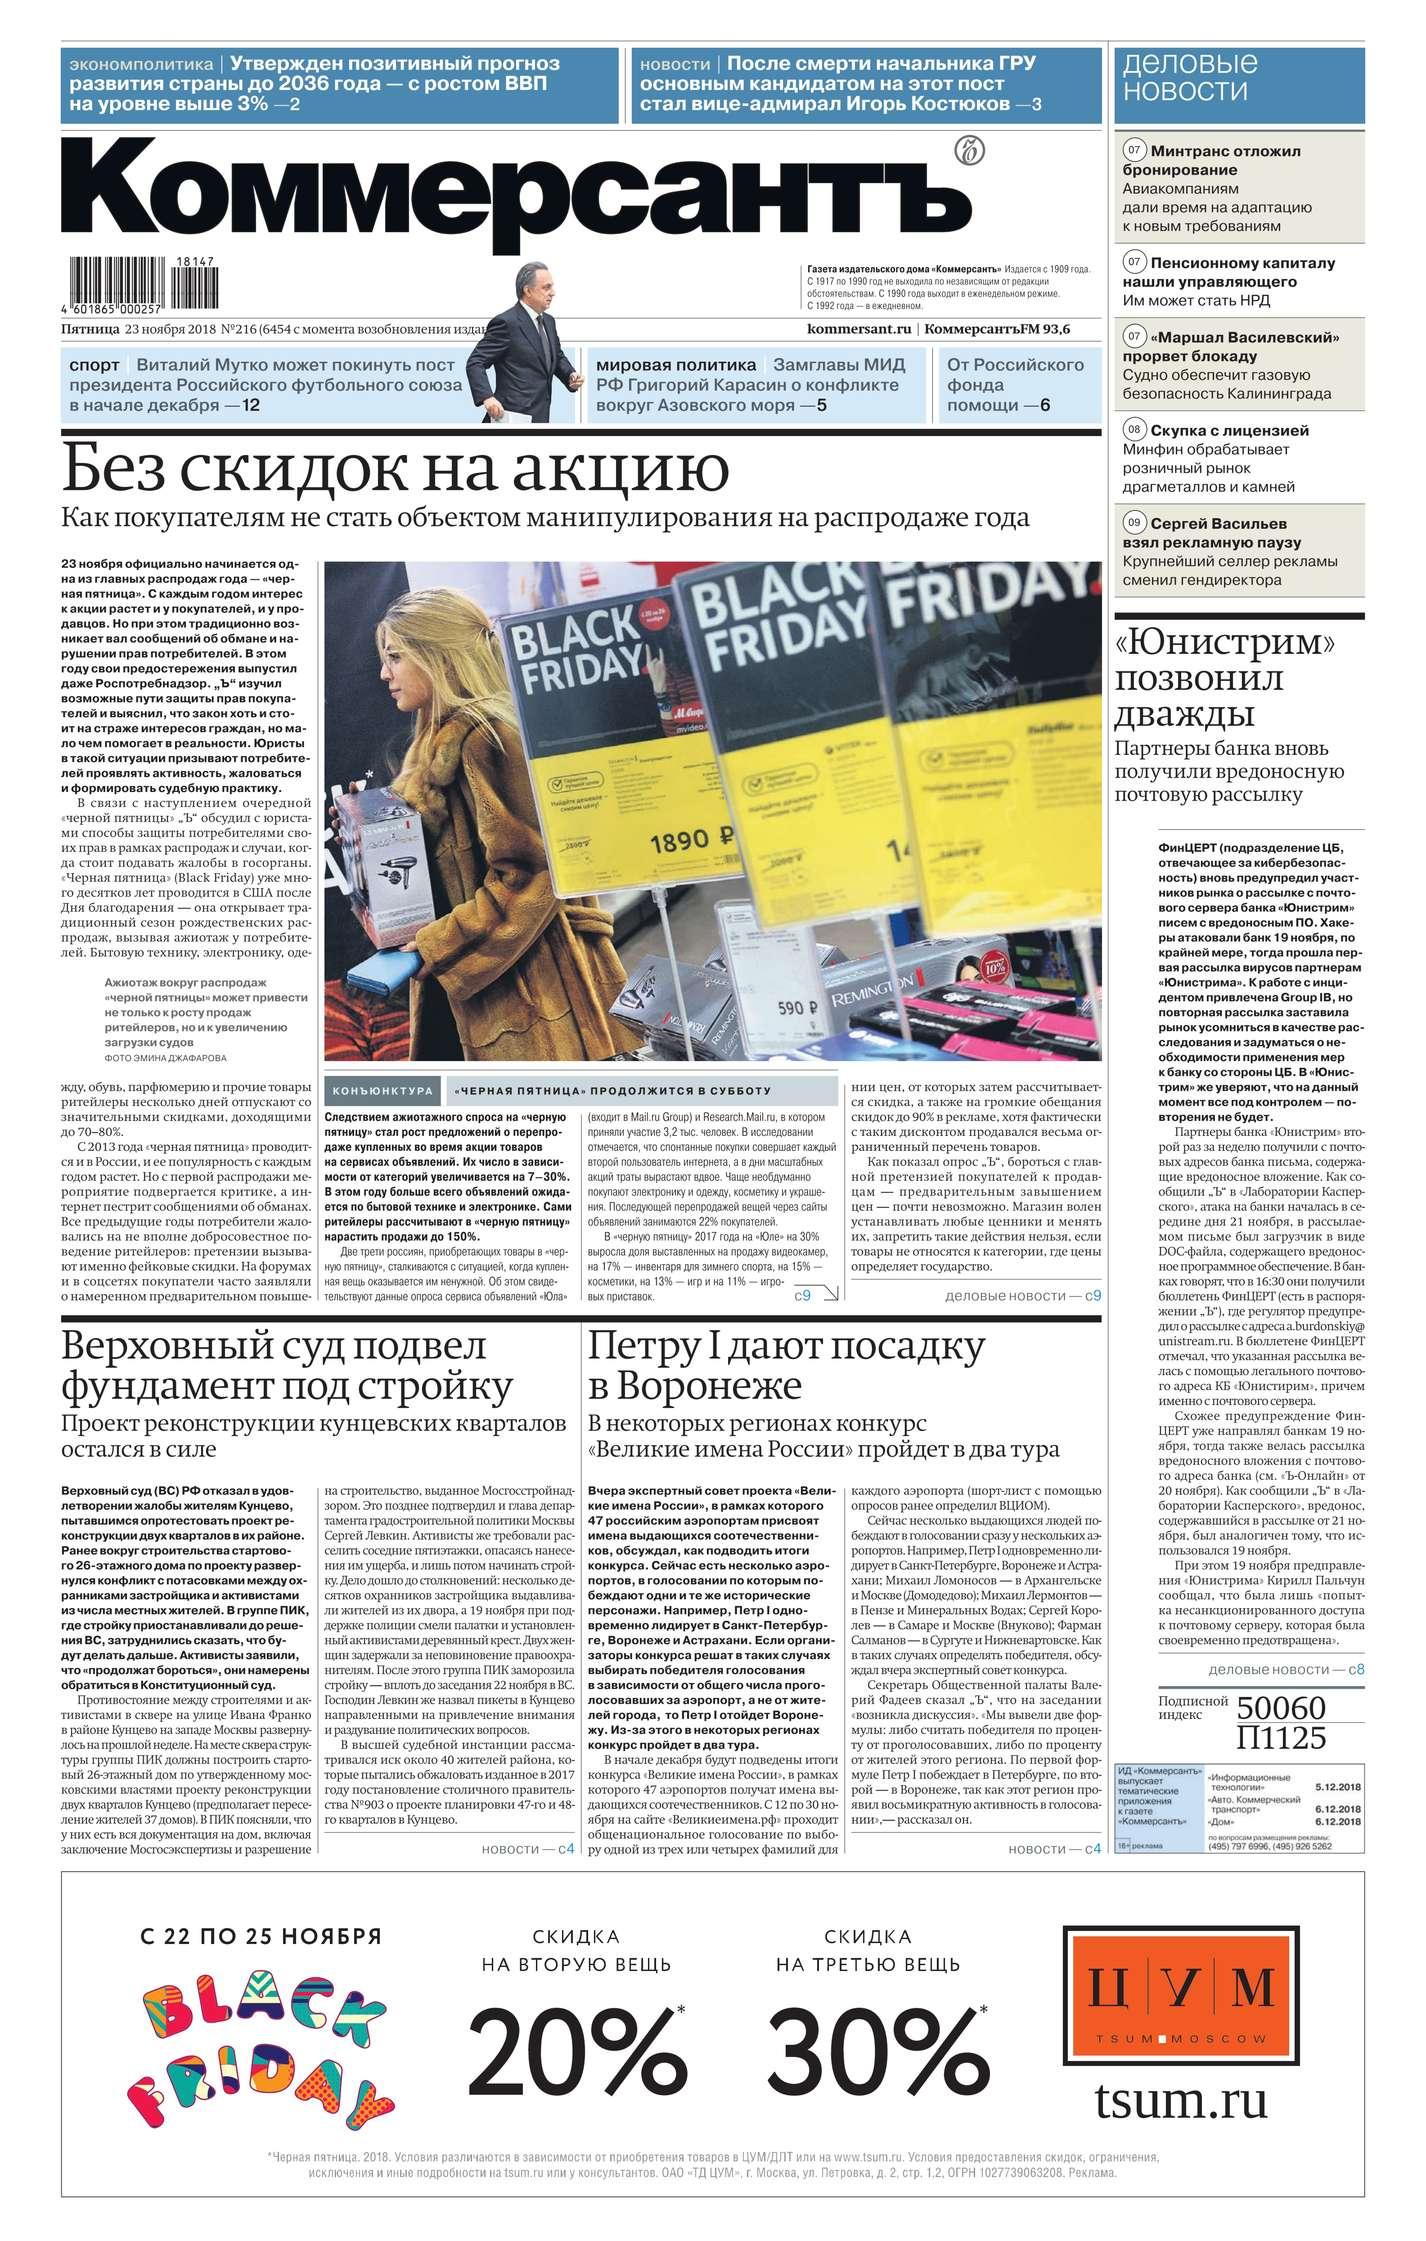 Редакция газеты Коммерсантъ (понедельник-пятница) Коммерсантъ (понедельник-пятница) 216-2018 цена